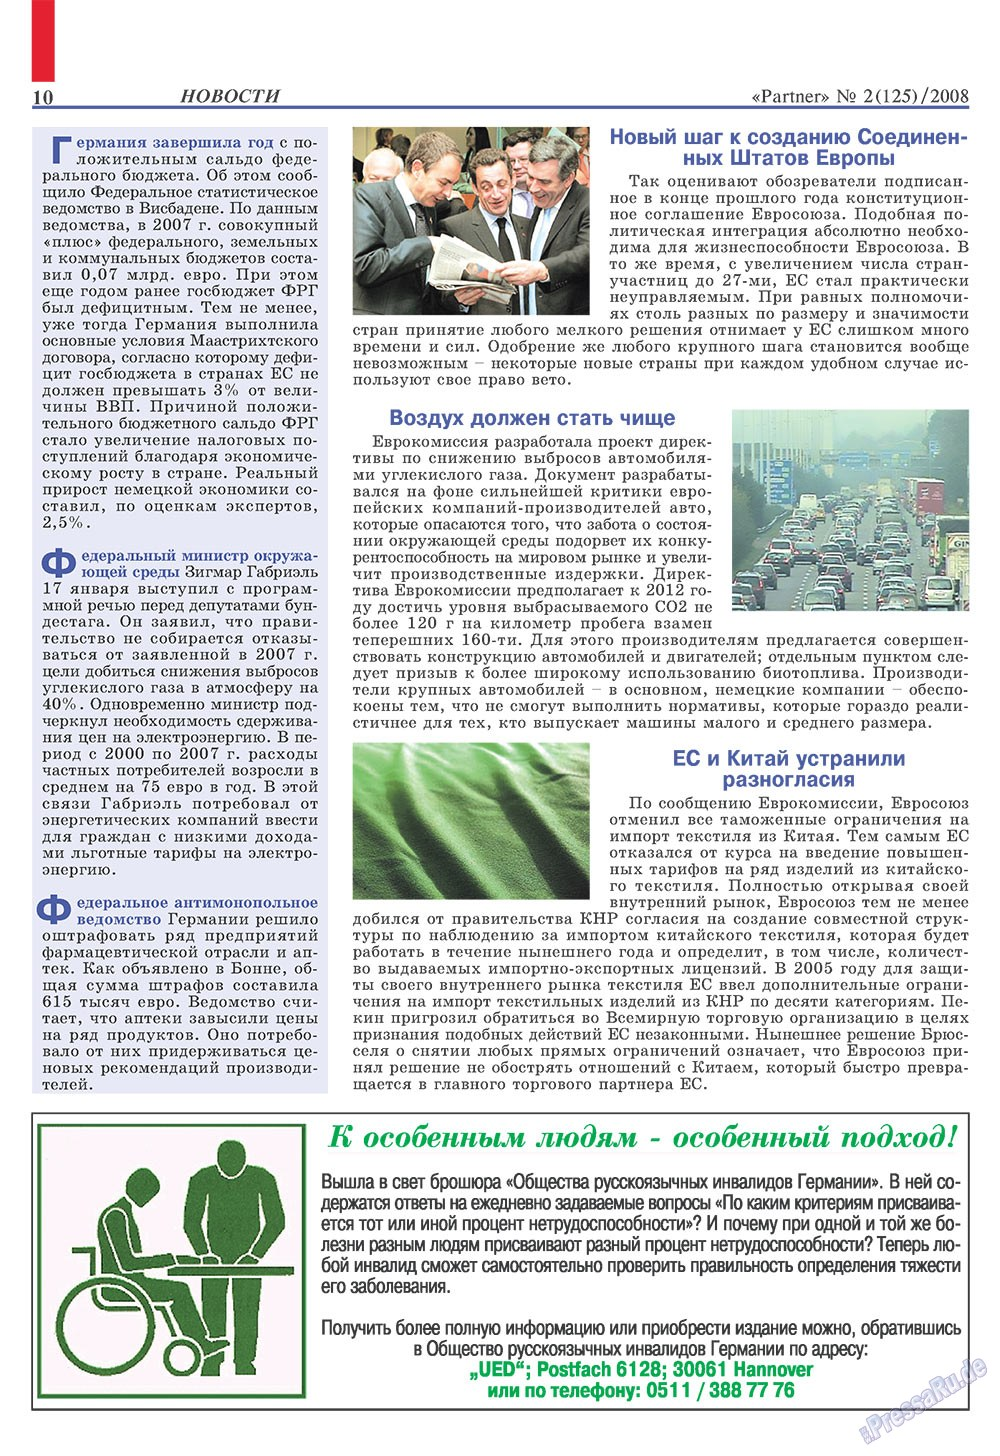 Партнер (журнал). 2008 год, номер 2, стр. 10